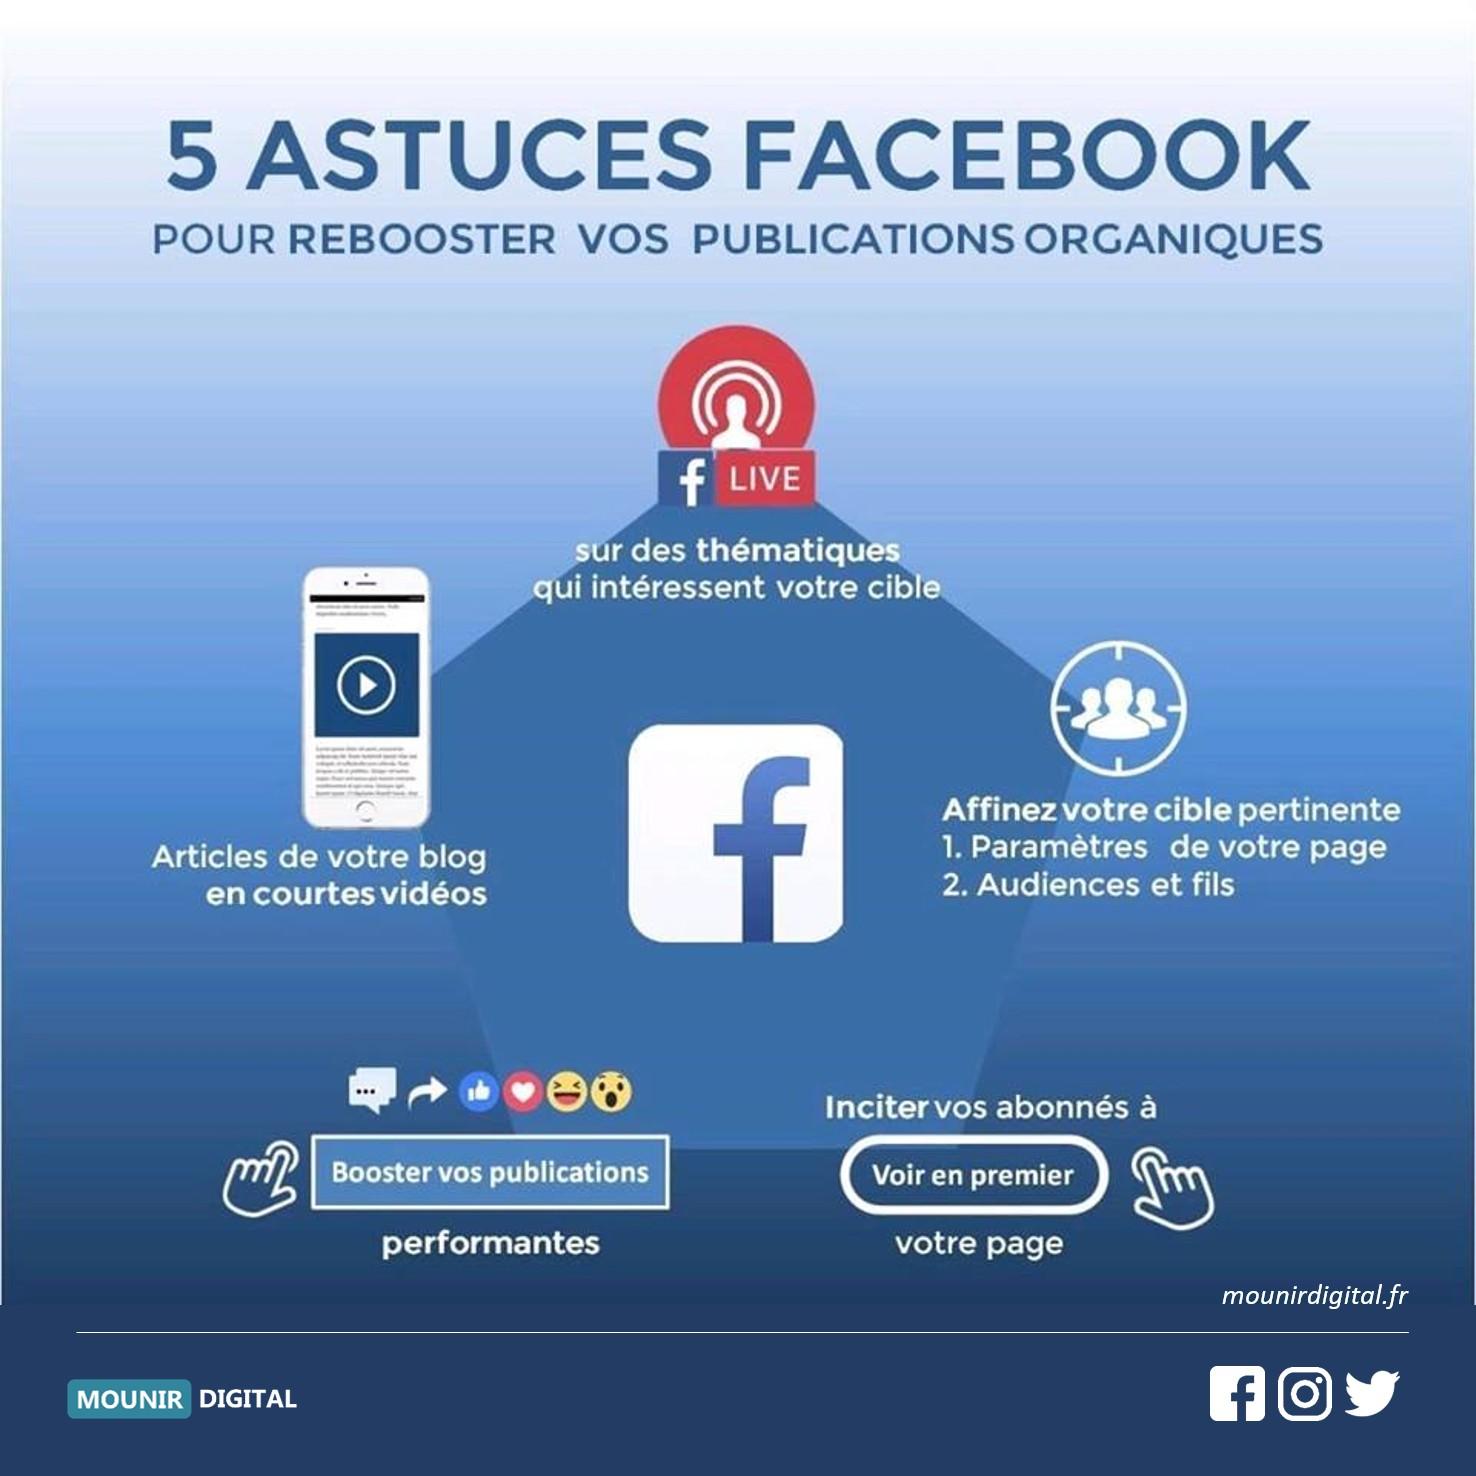 Facebook : Comment rebooster les publications organiques ?